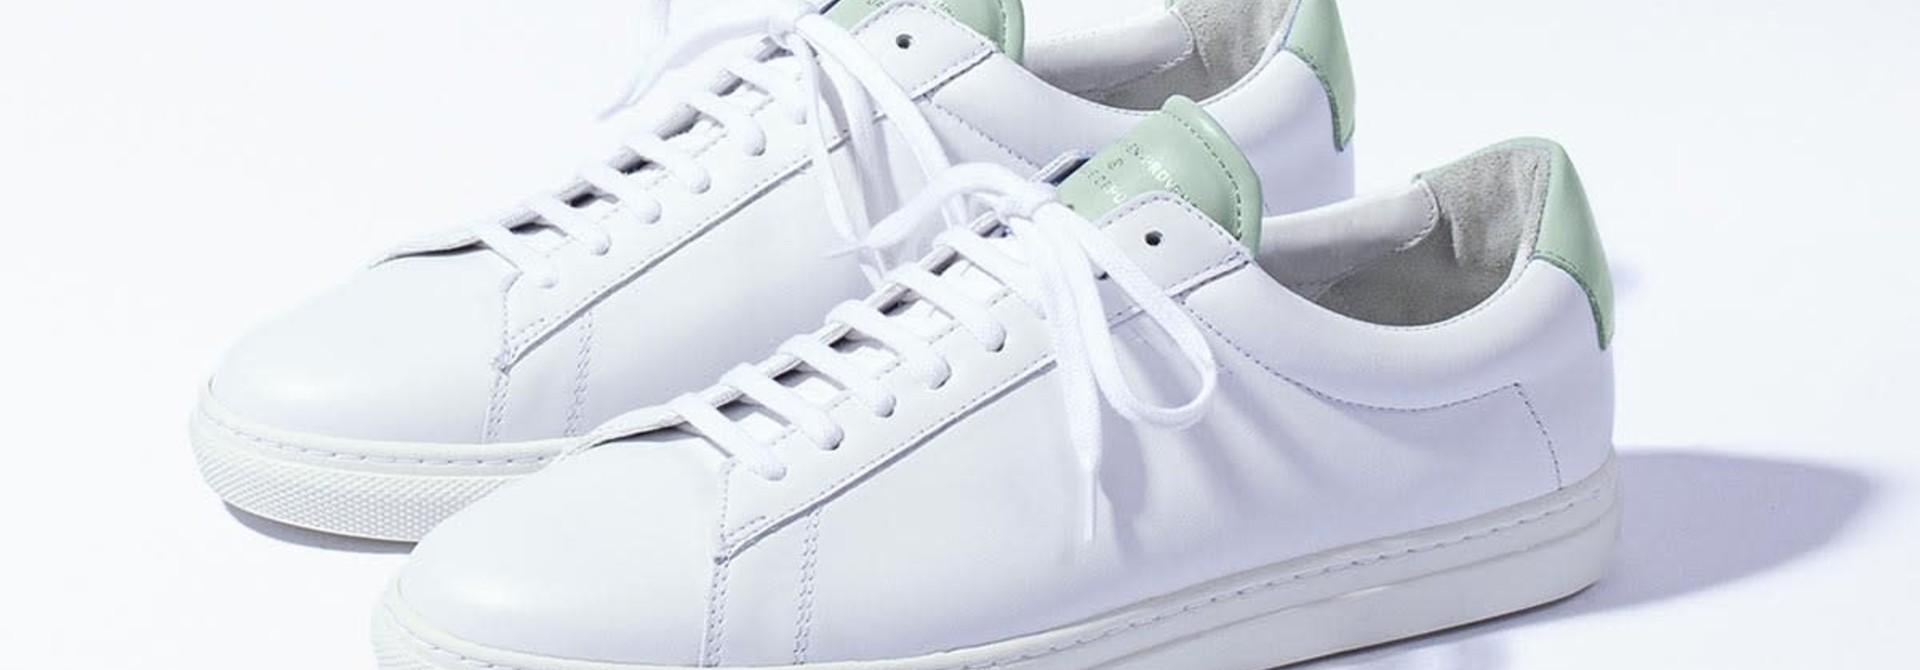 sneaker S3-39 ZSP4